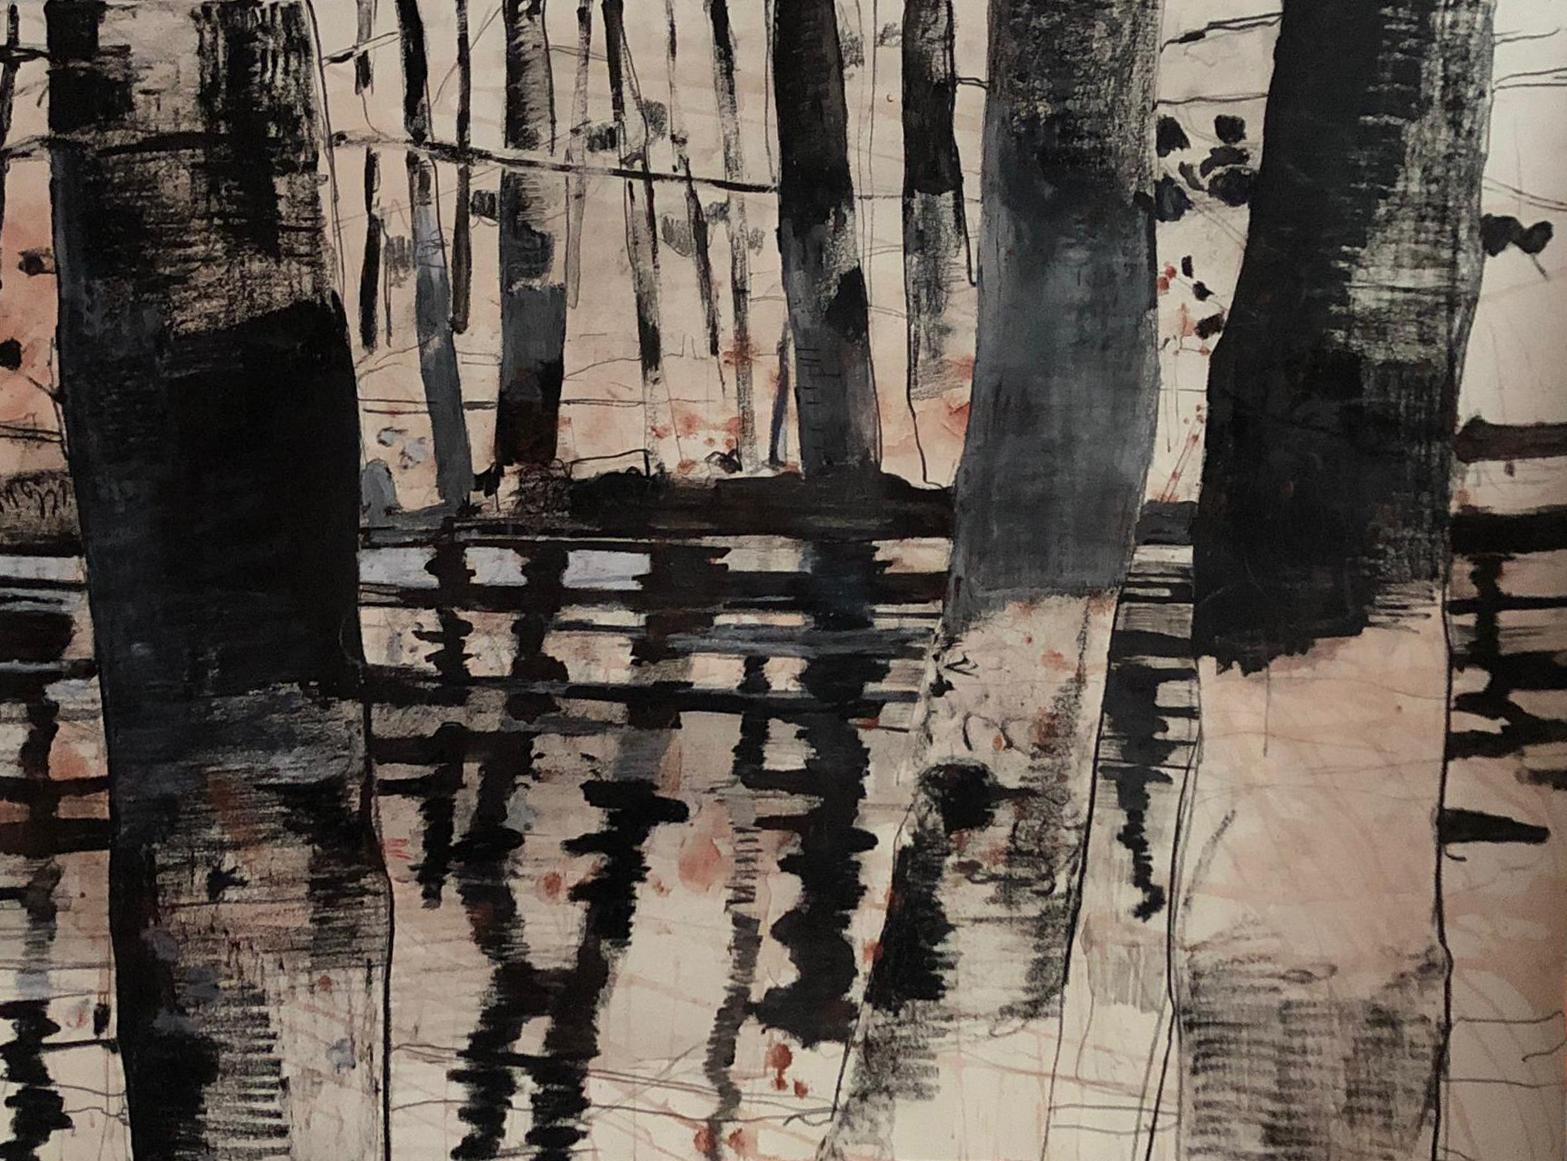 Giovanni Frangi, Giardini pubblici, 2019, tecnica mista su carta, cm 110x160. Galleria Poggiali